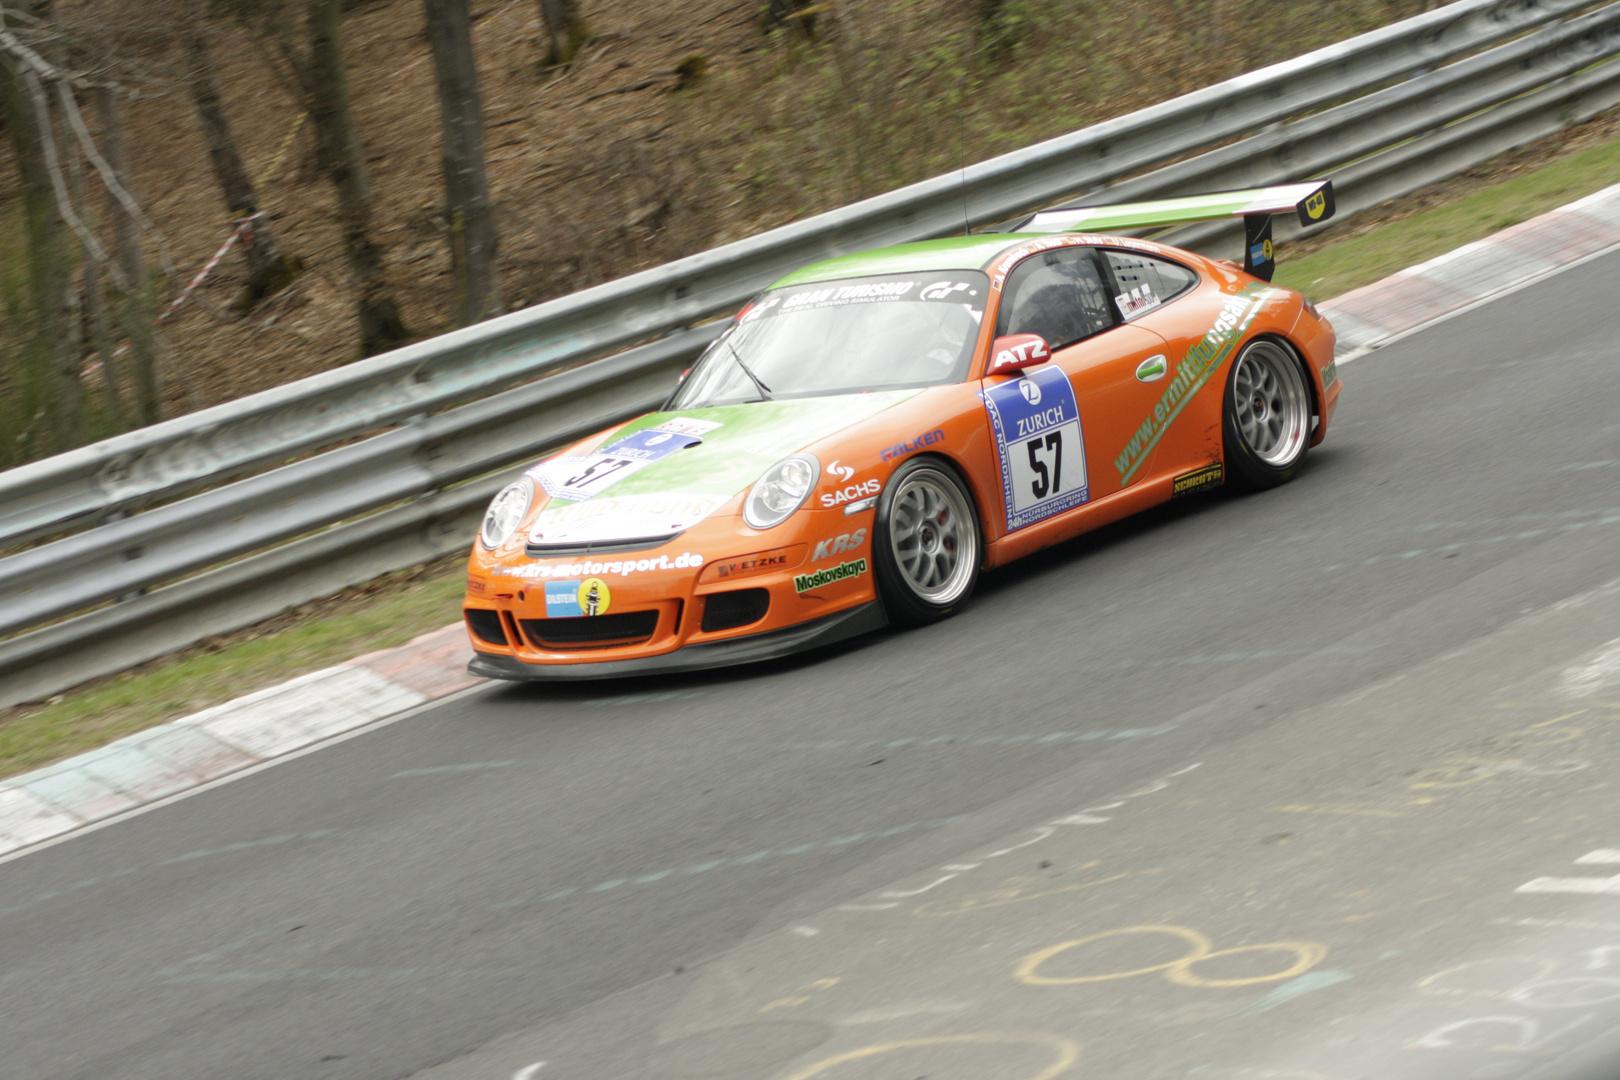 Nürburgring Qualifying 24h *911*